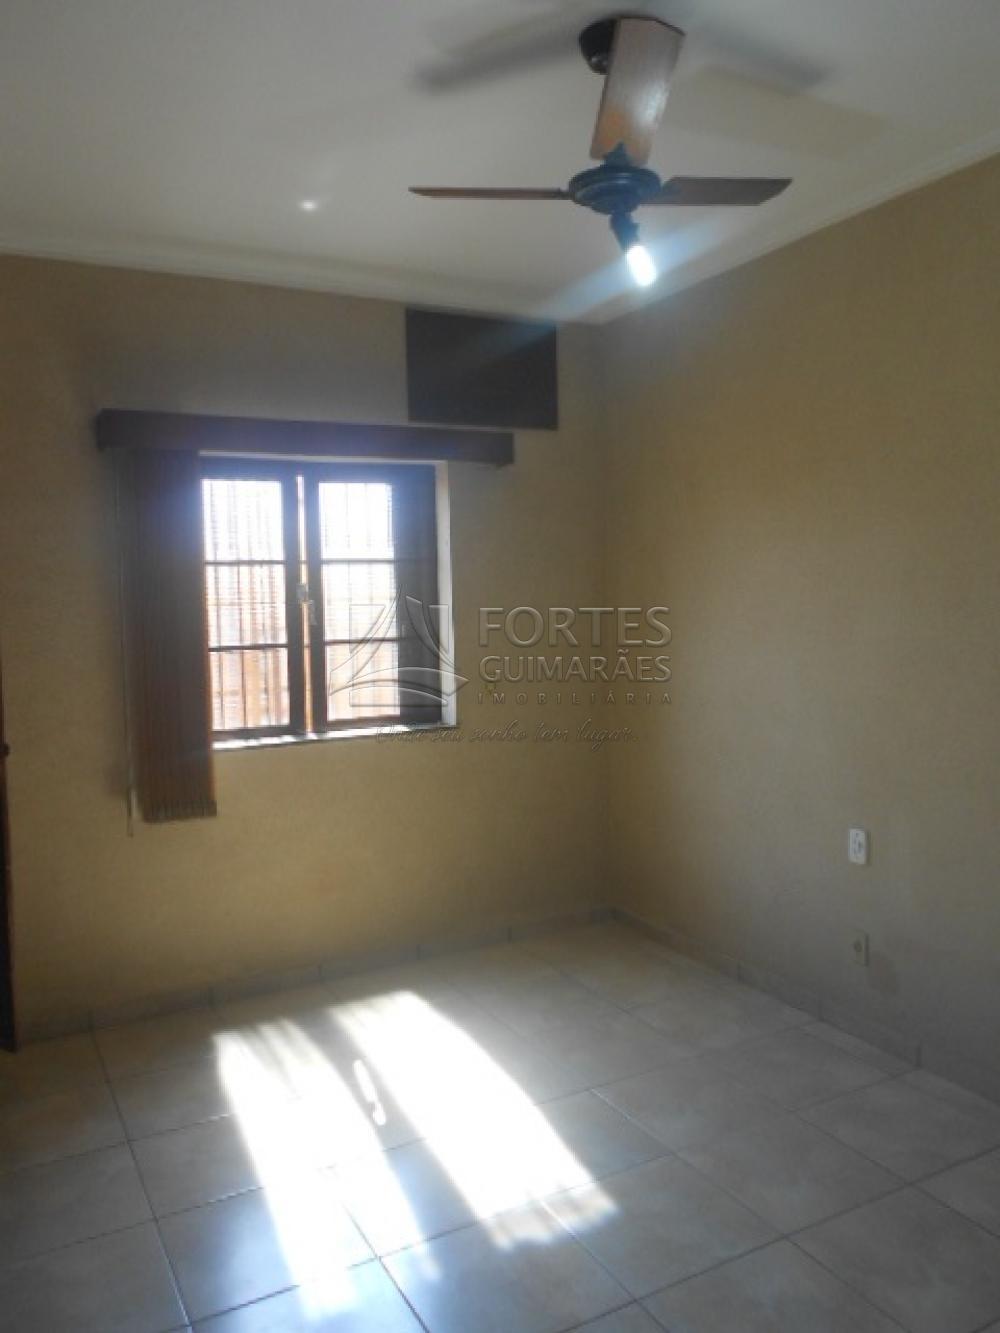 Alugar Casas / Padrão em Ribeirão Preto apenas R$ 2.500,00 - Foto 31